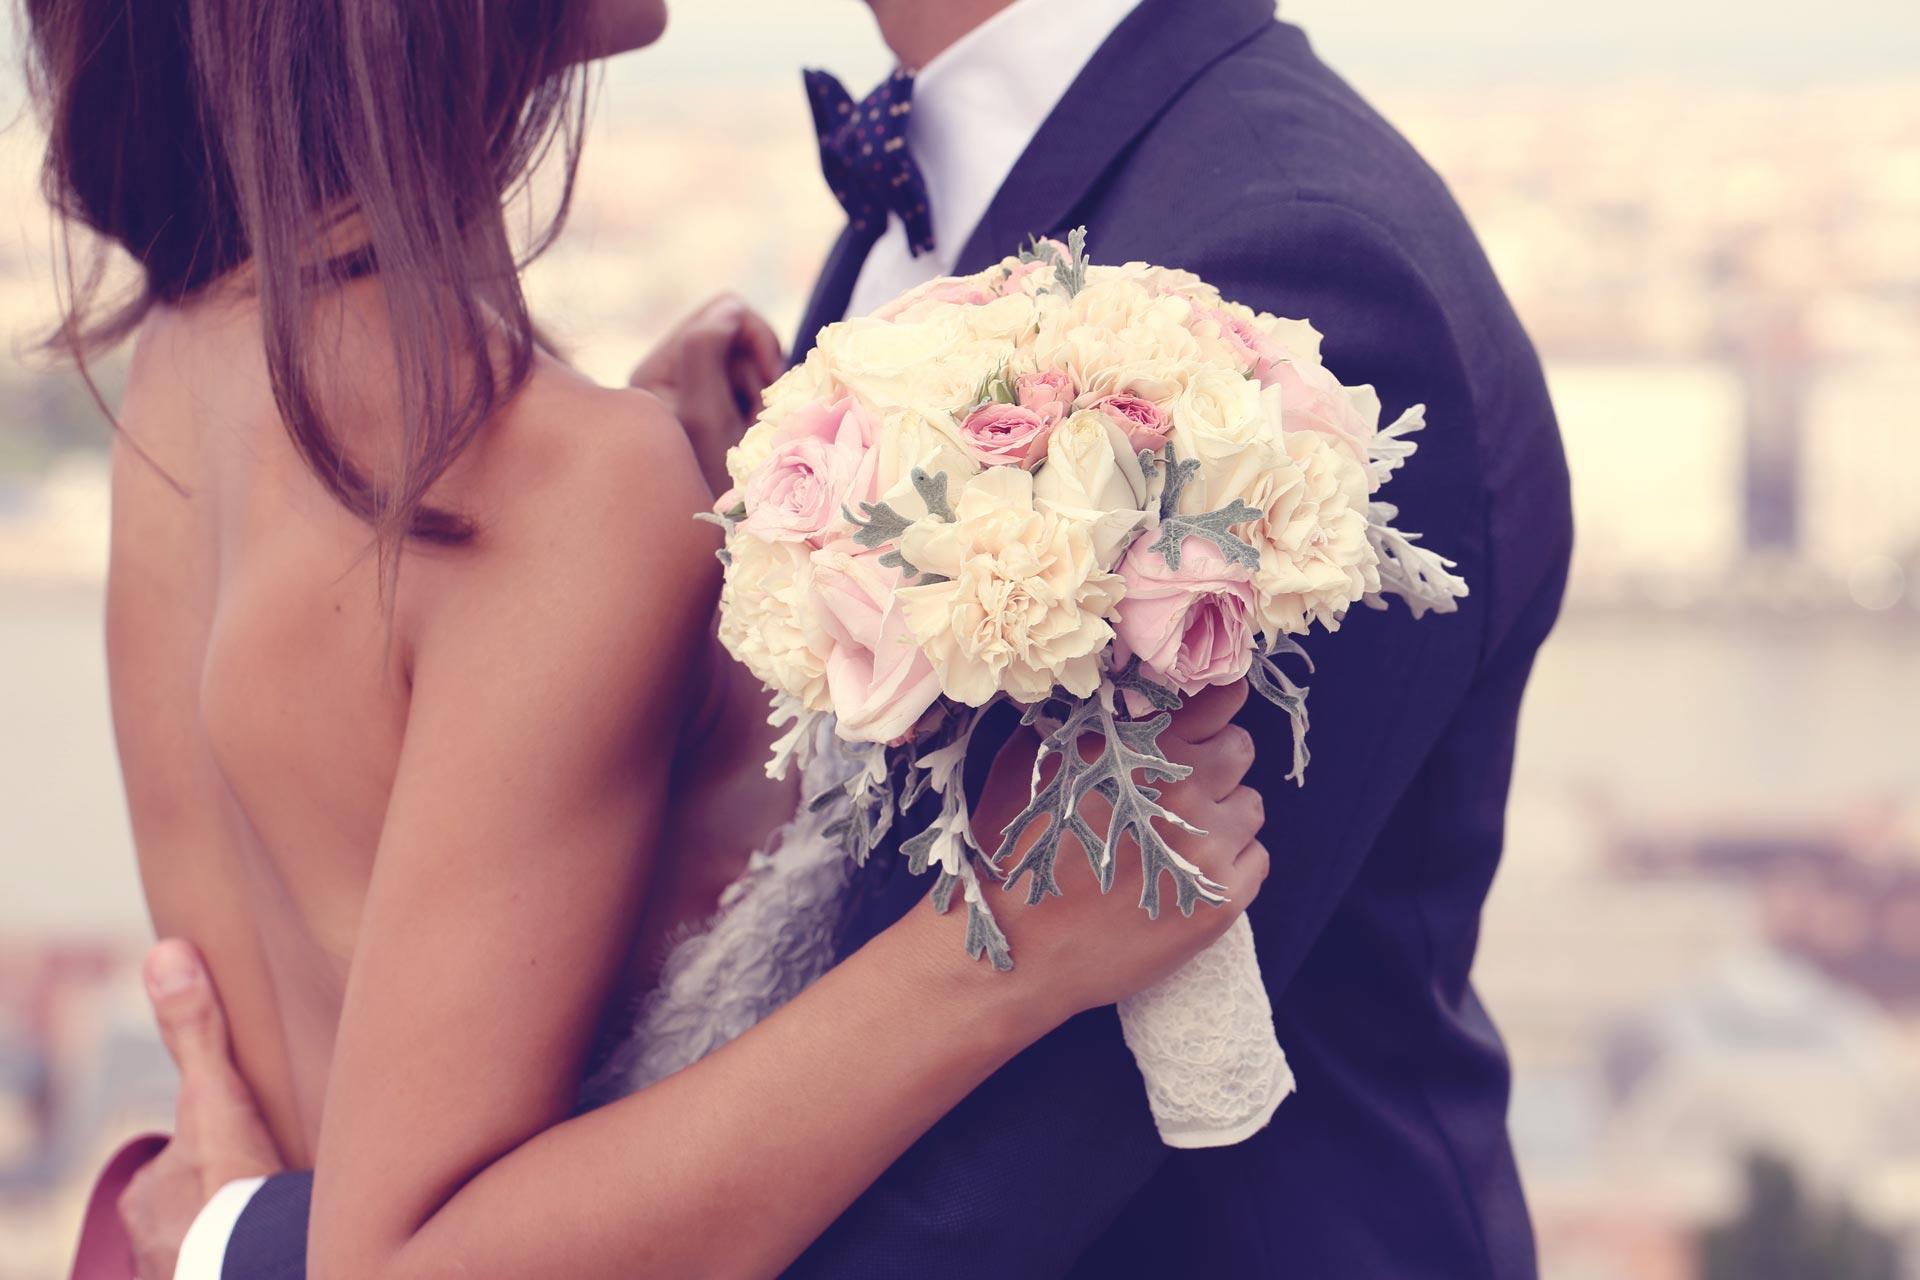 Bild eines glücklichen Hochzeitspaares mit dem Brautstrauß